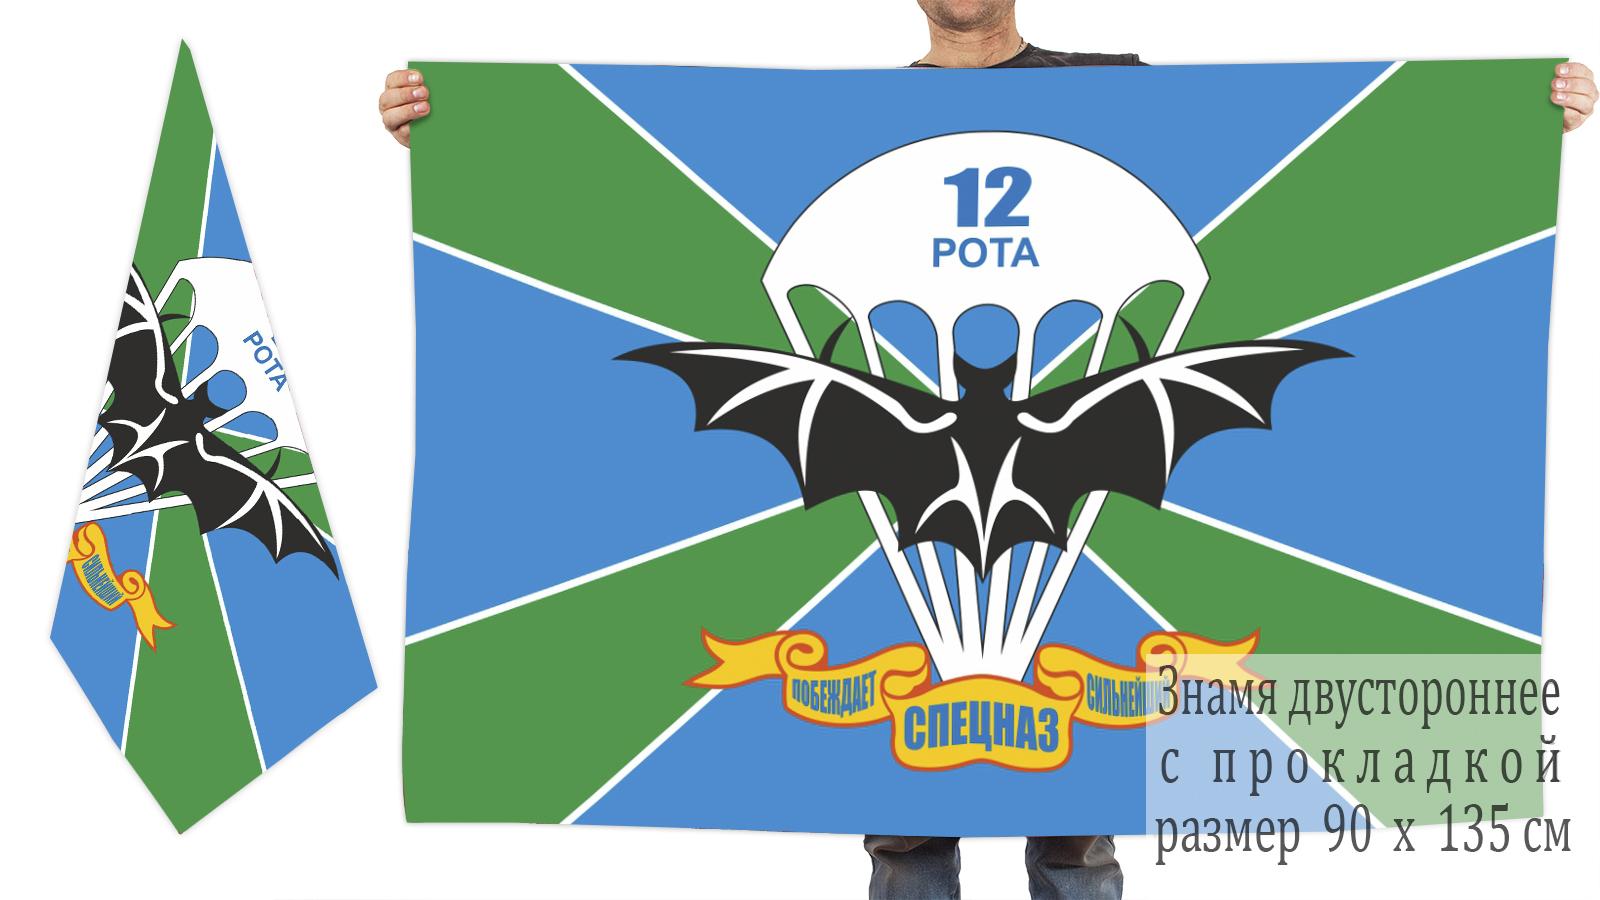 Флаг 12-я рота Спецназа с девизом